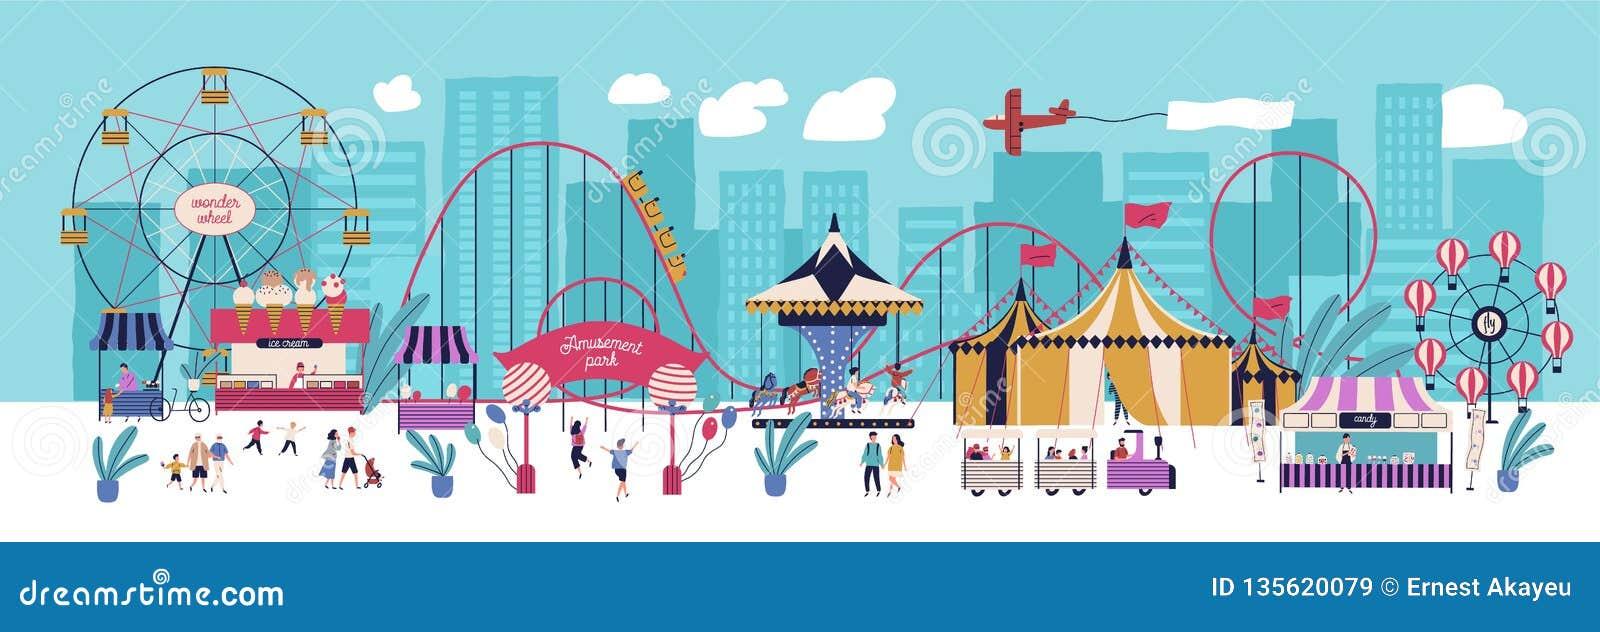 Het pretpark met diverse aantrekkelijkheden, circus, ferris rijdt, carrousel, achtbaan, kiosken met suikergoed en ijs